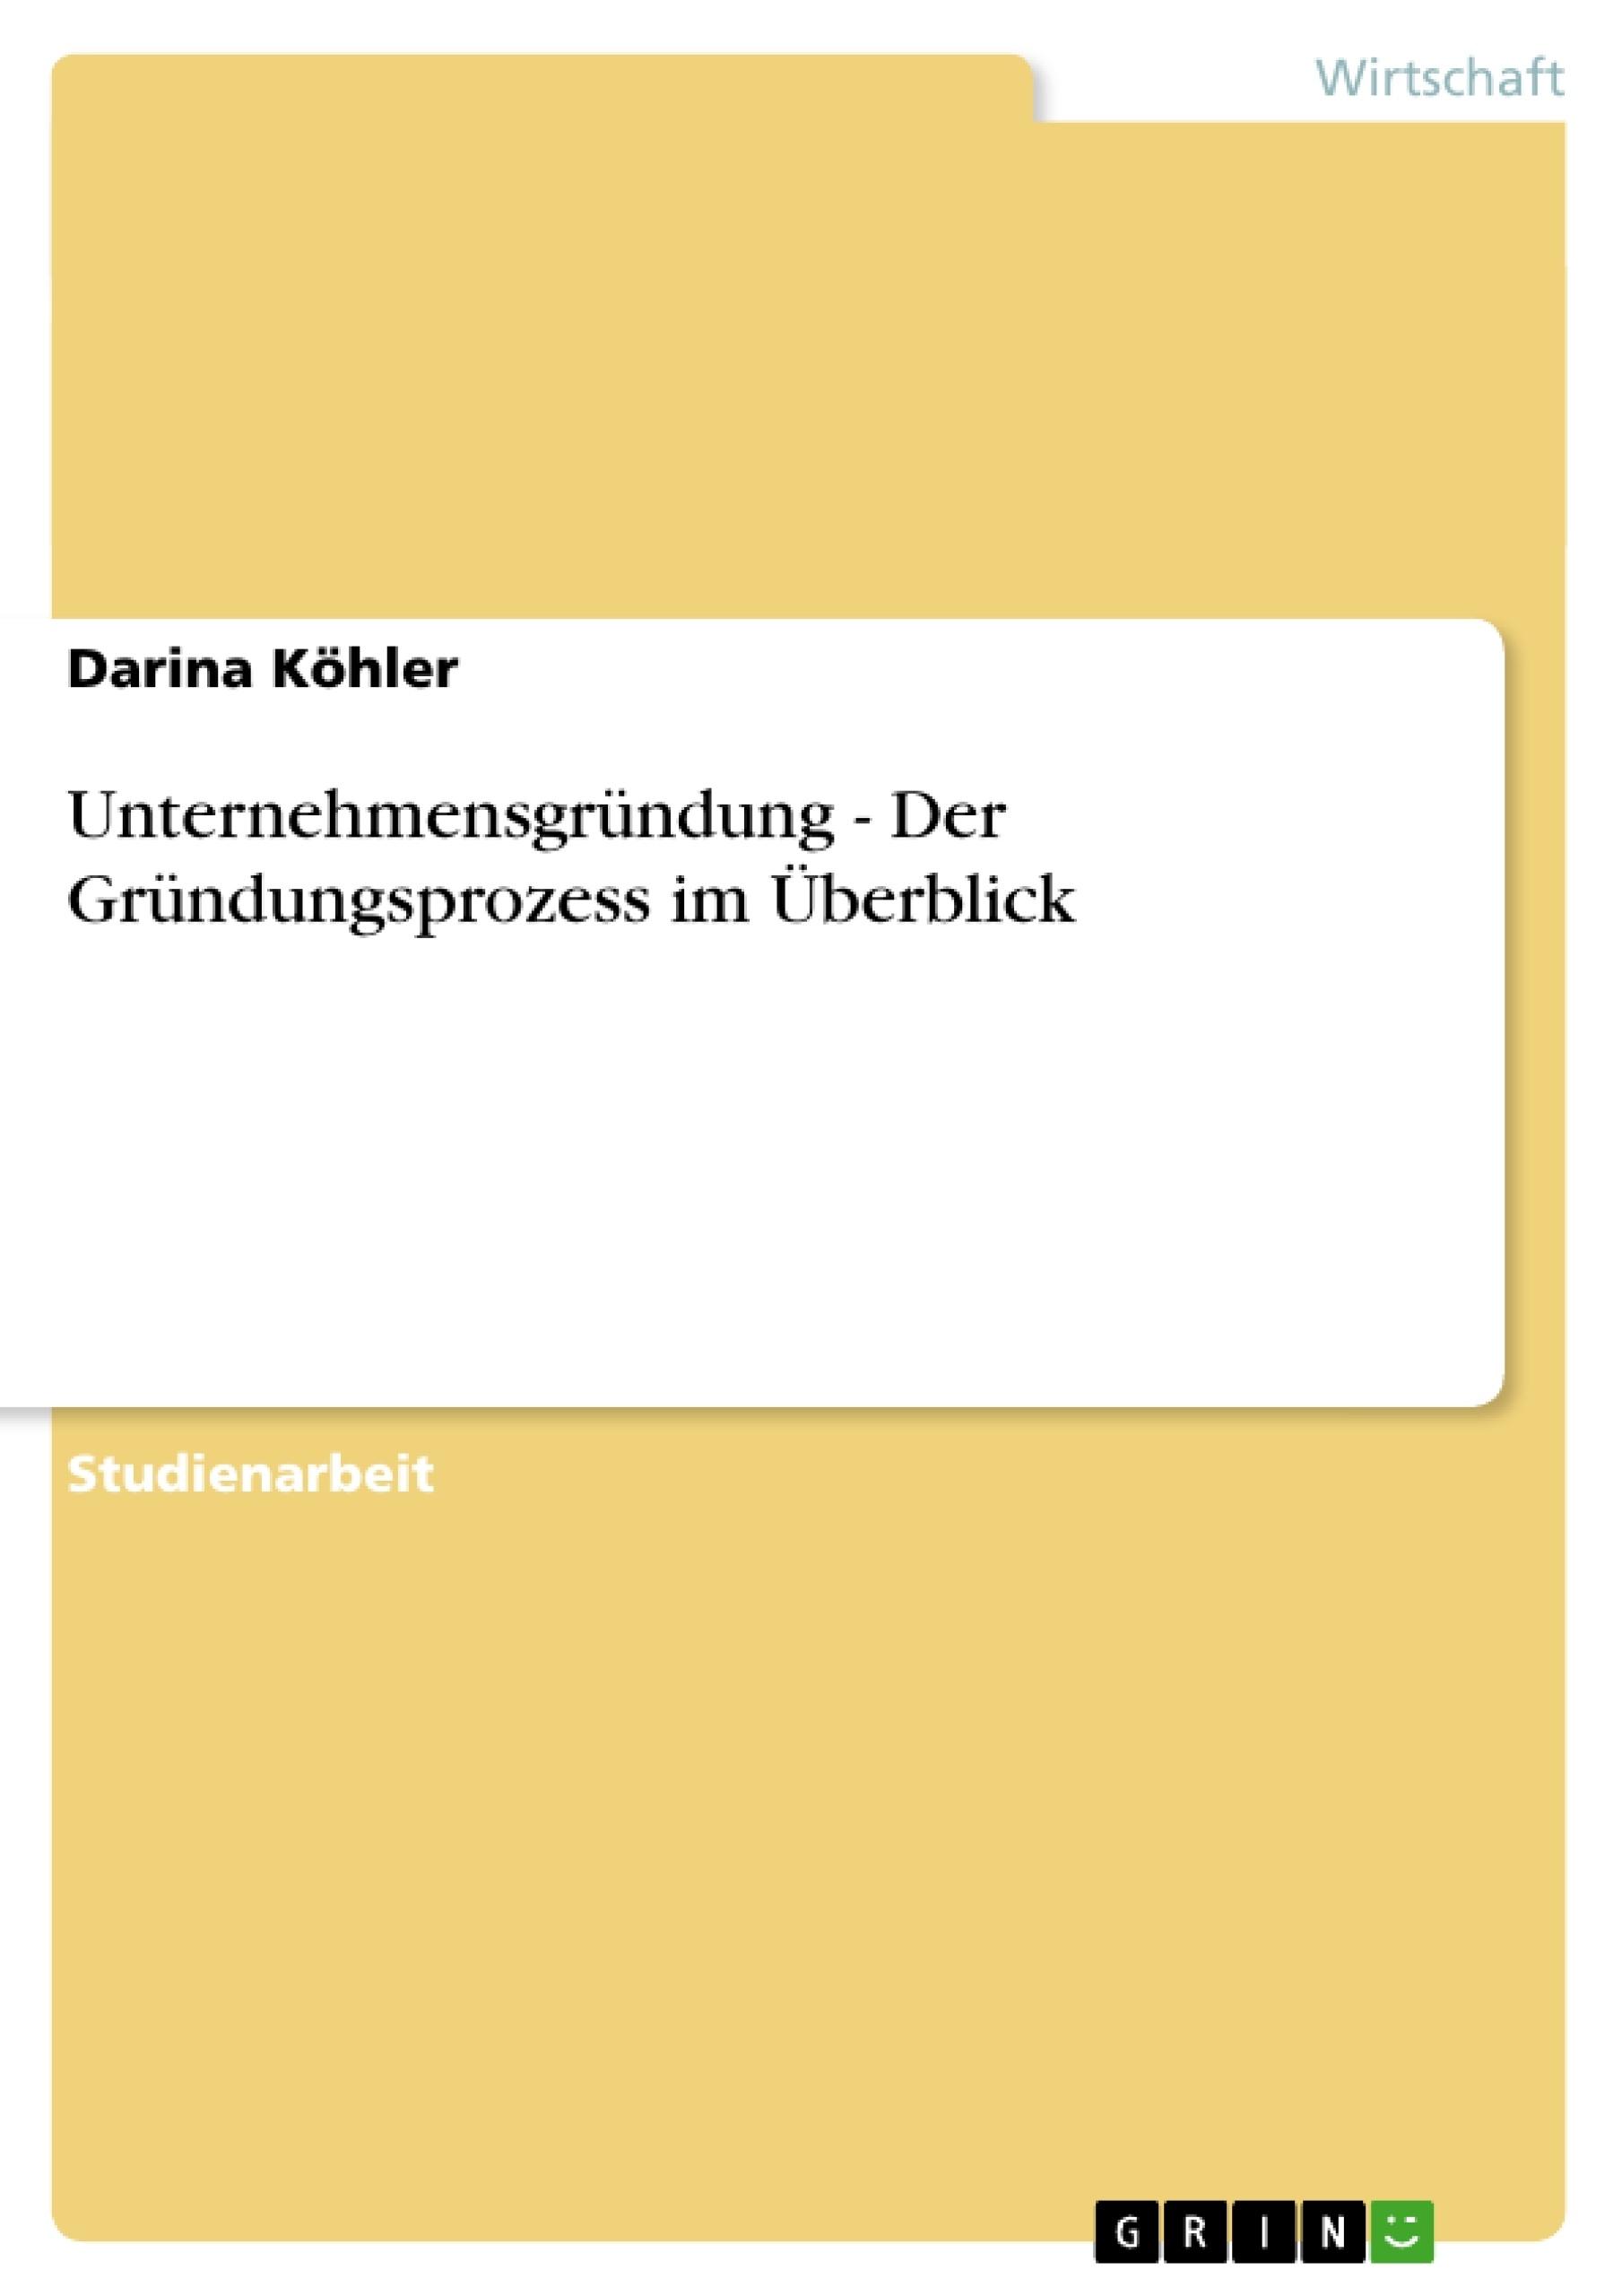 Titel: Unternehmensgründung - Der Gründungsprozess im Überblick